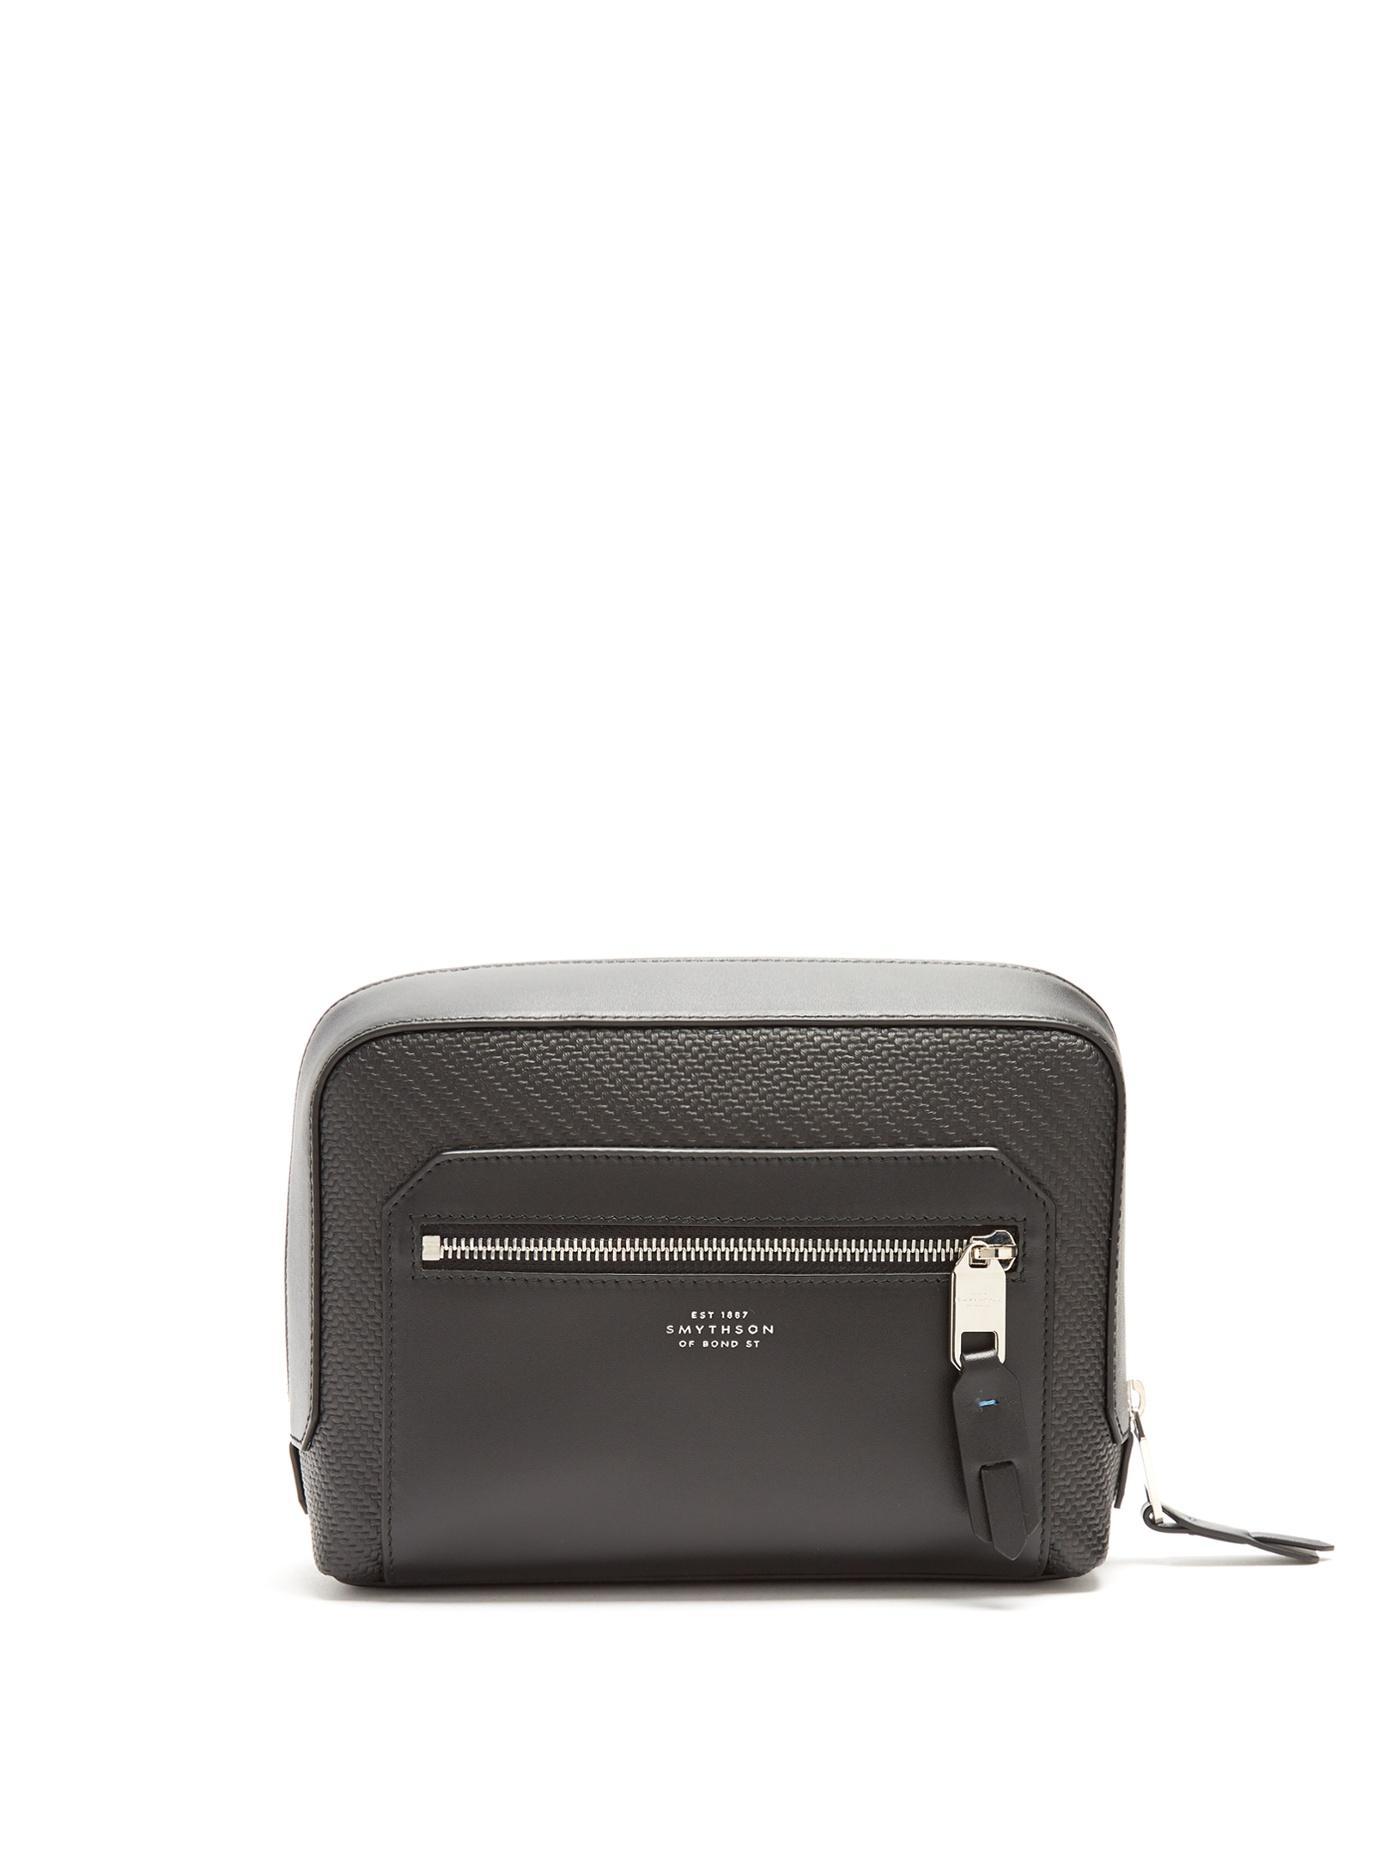 Smythson Greenwich Leather Washbag In Black